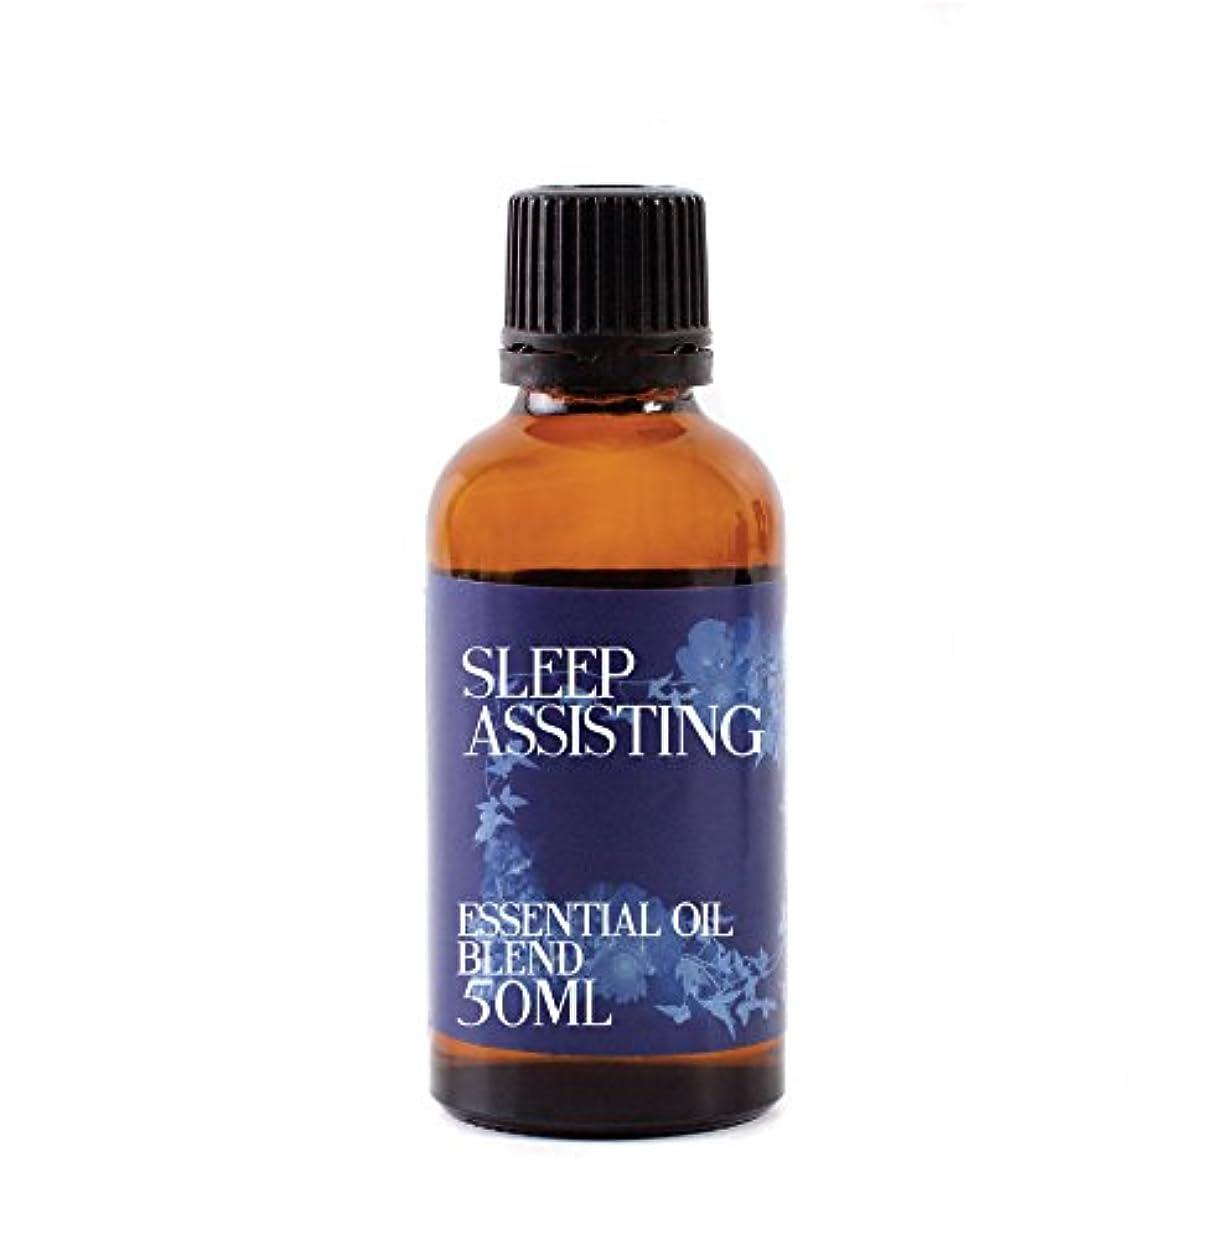 アイデア子供時代元に戻すMystix London | Sleep Assisting Essential Oil Blend - 50ml - 100% Pure